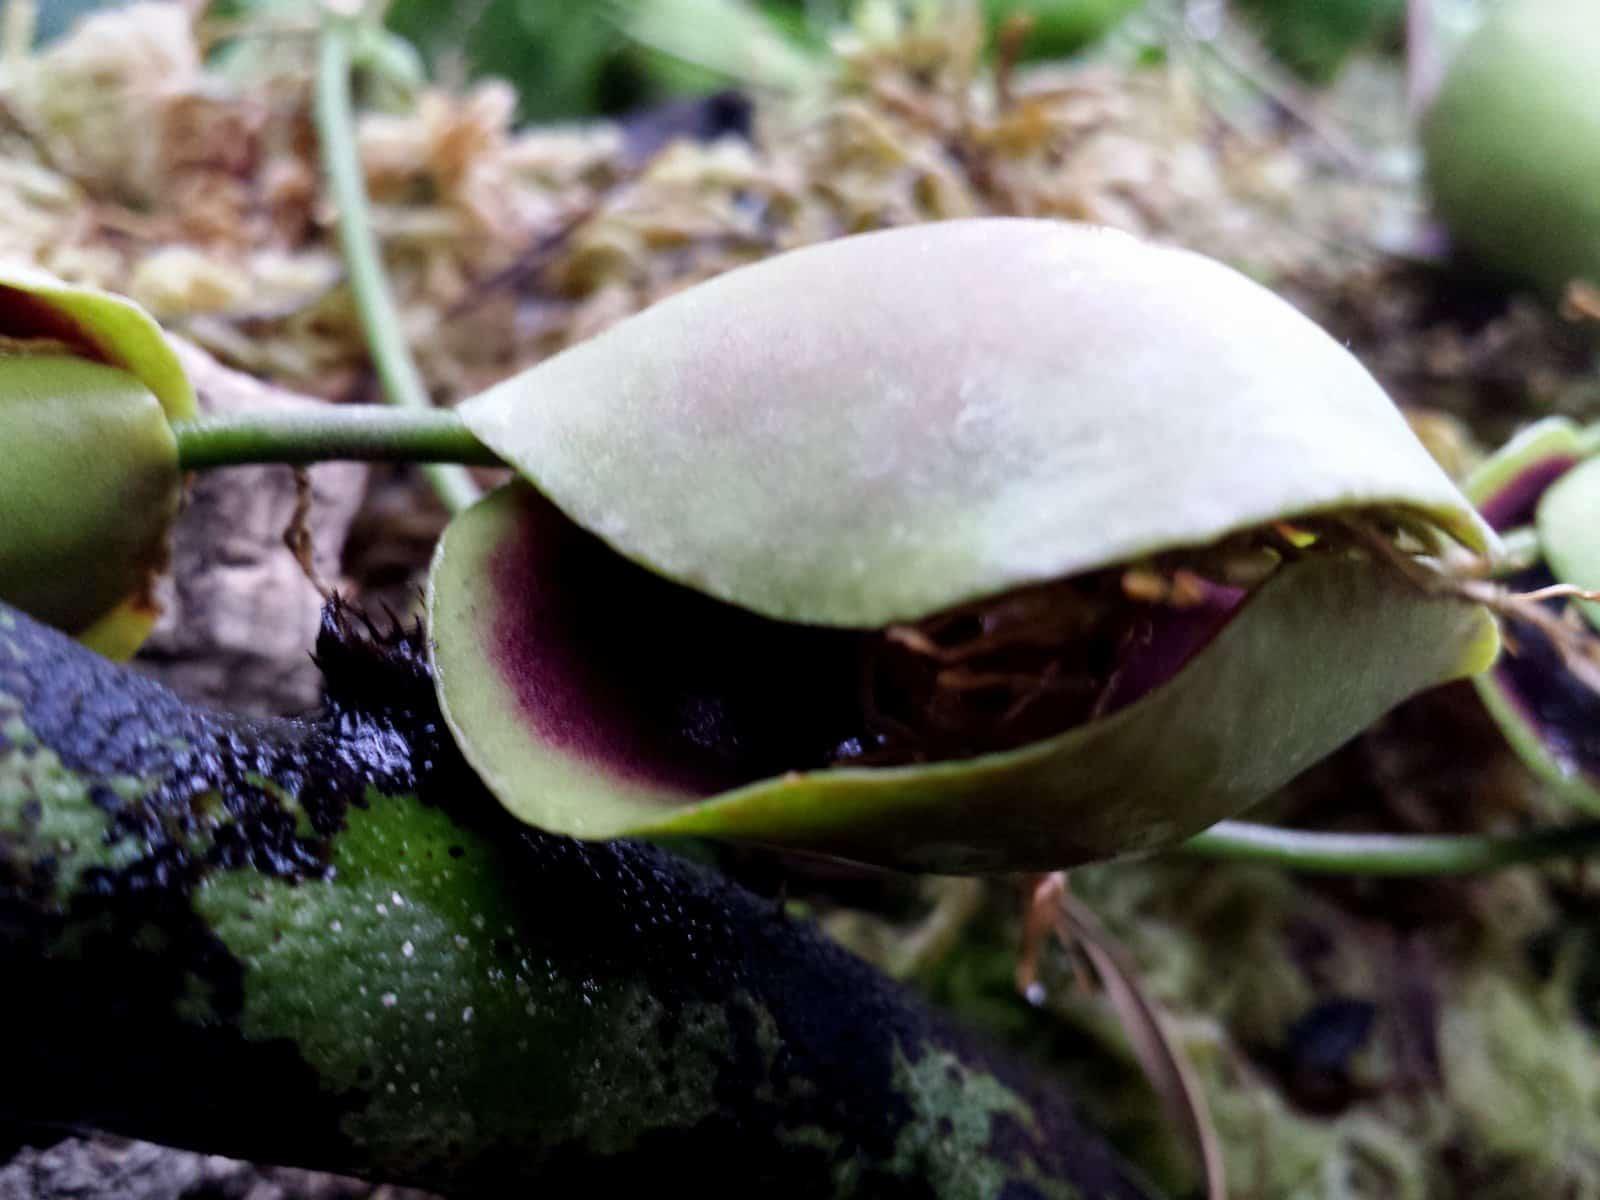 Pflanzen anguggen im botanischer garten w rzblog for Gelbe tafeln